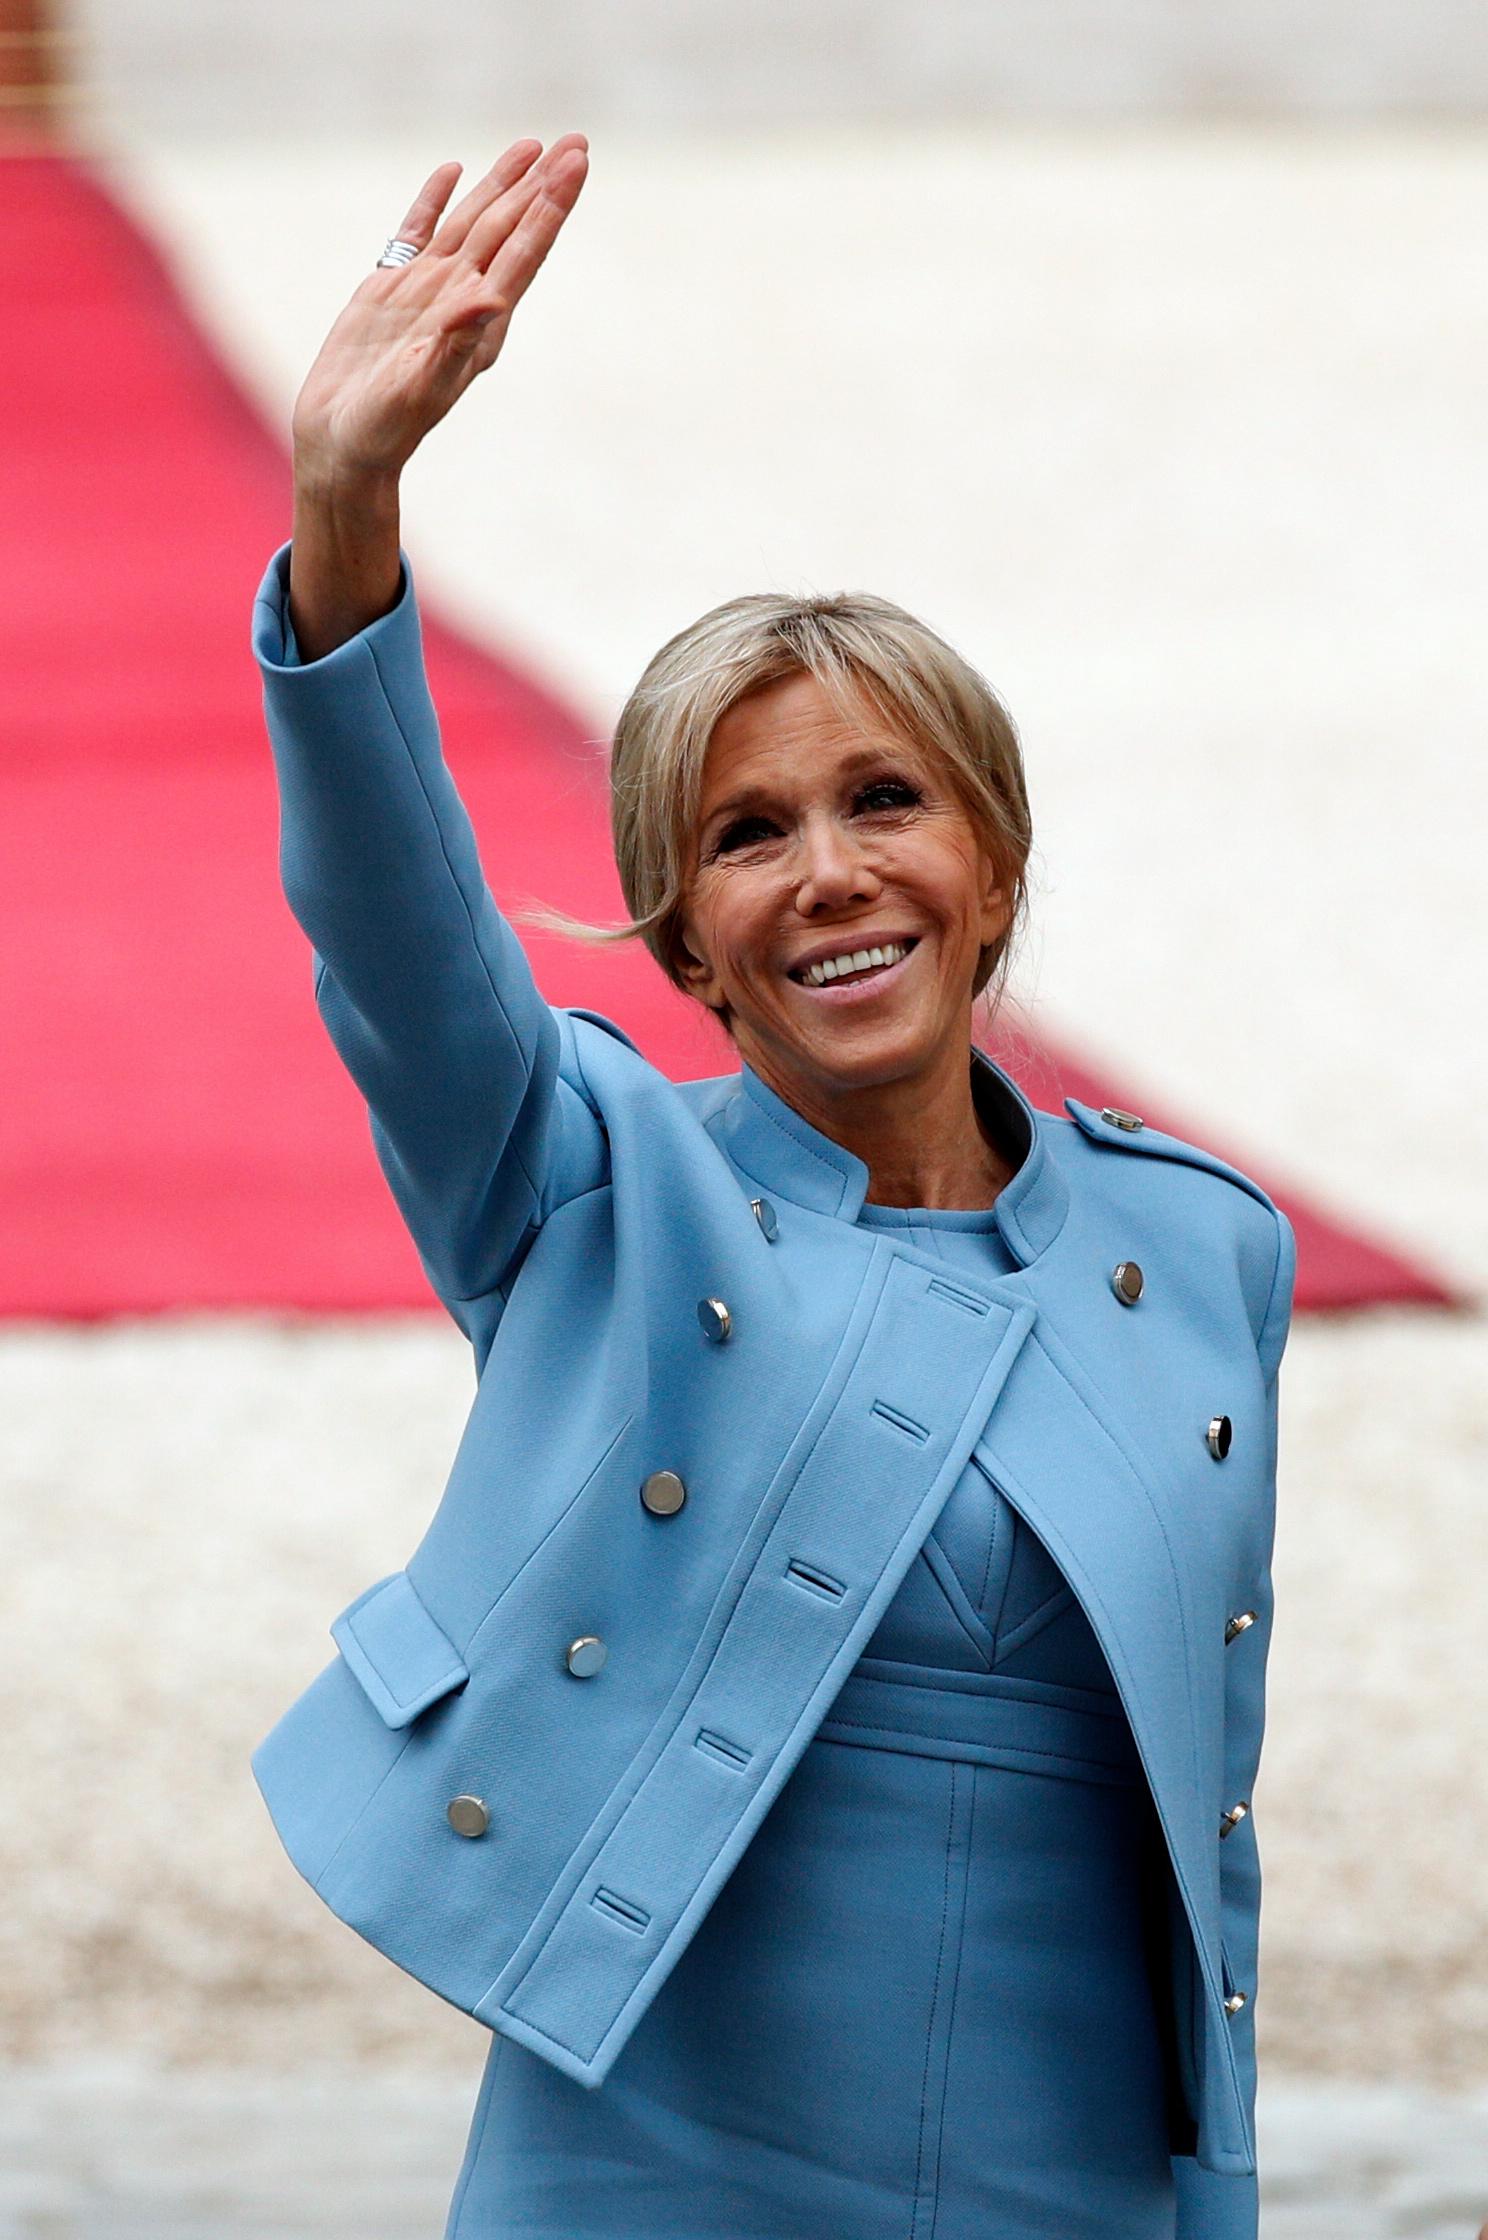 Otra vez el celeste, un color que le sienta muy bien a la primera dama de Francia, Brigitte Macron. Foto AP.